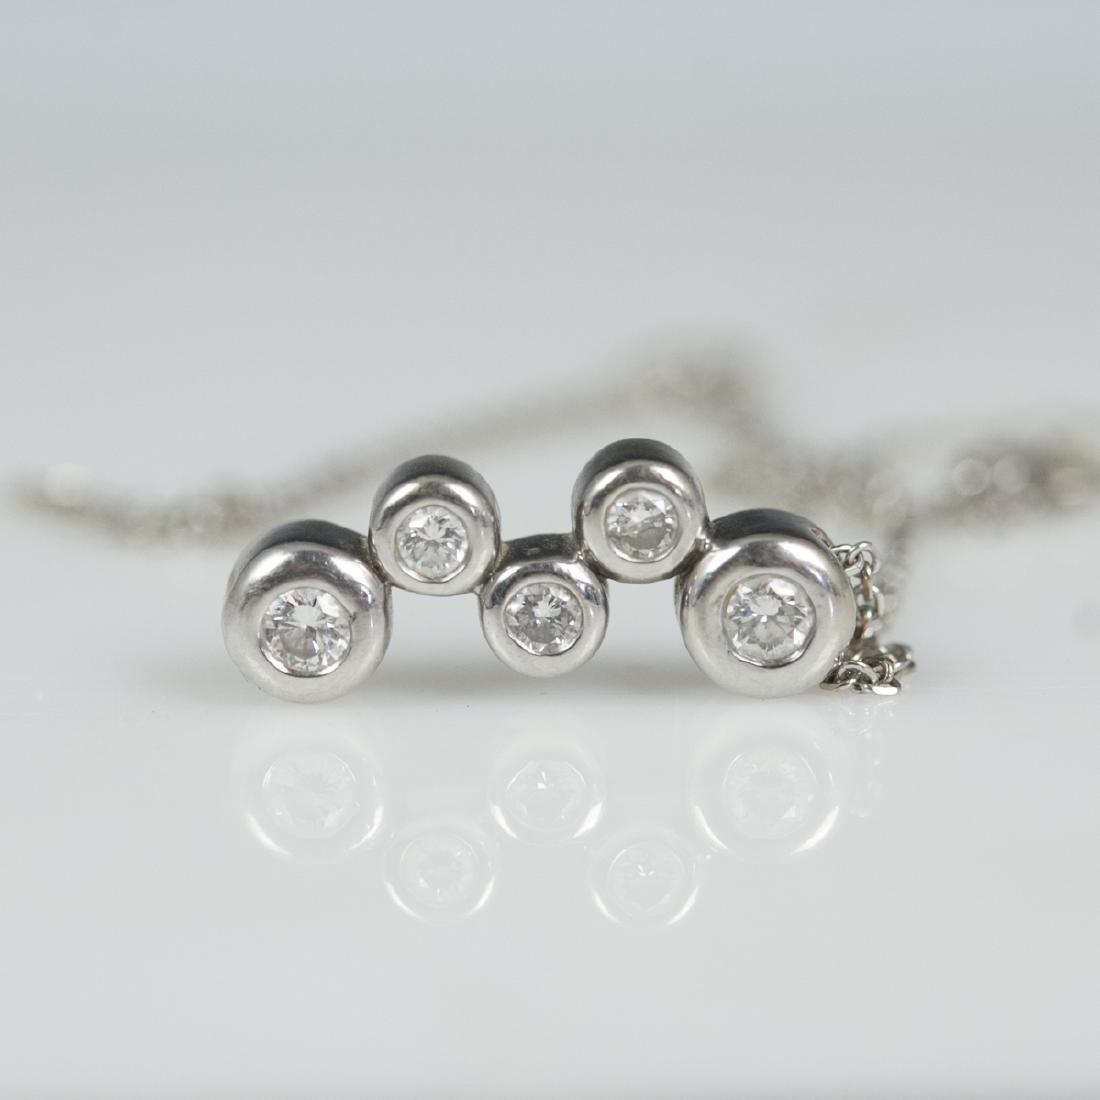 14kt Gold & Diamond Necklace - 4